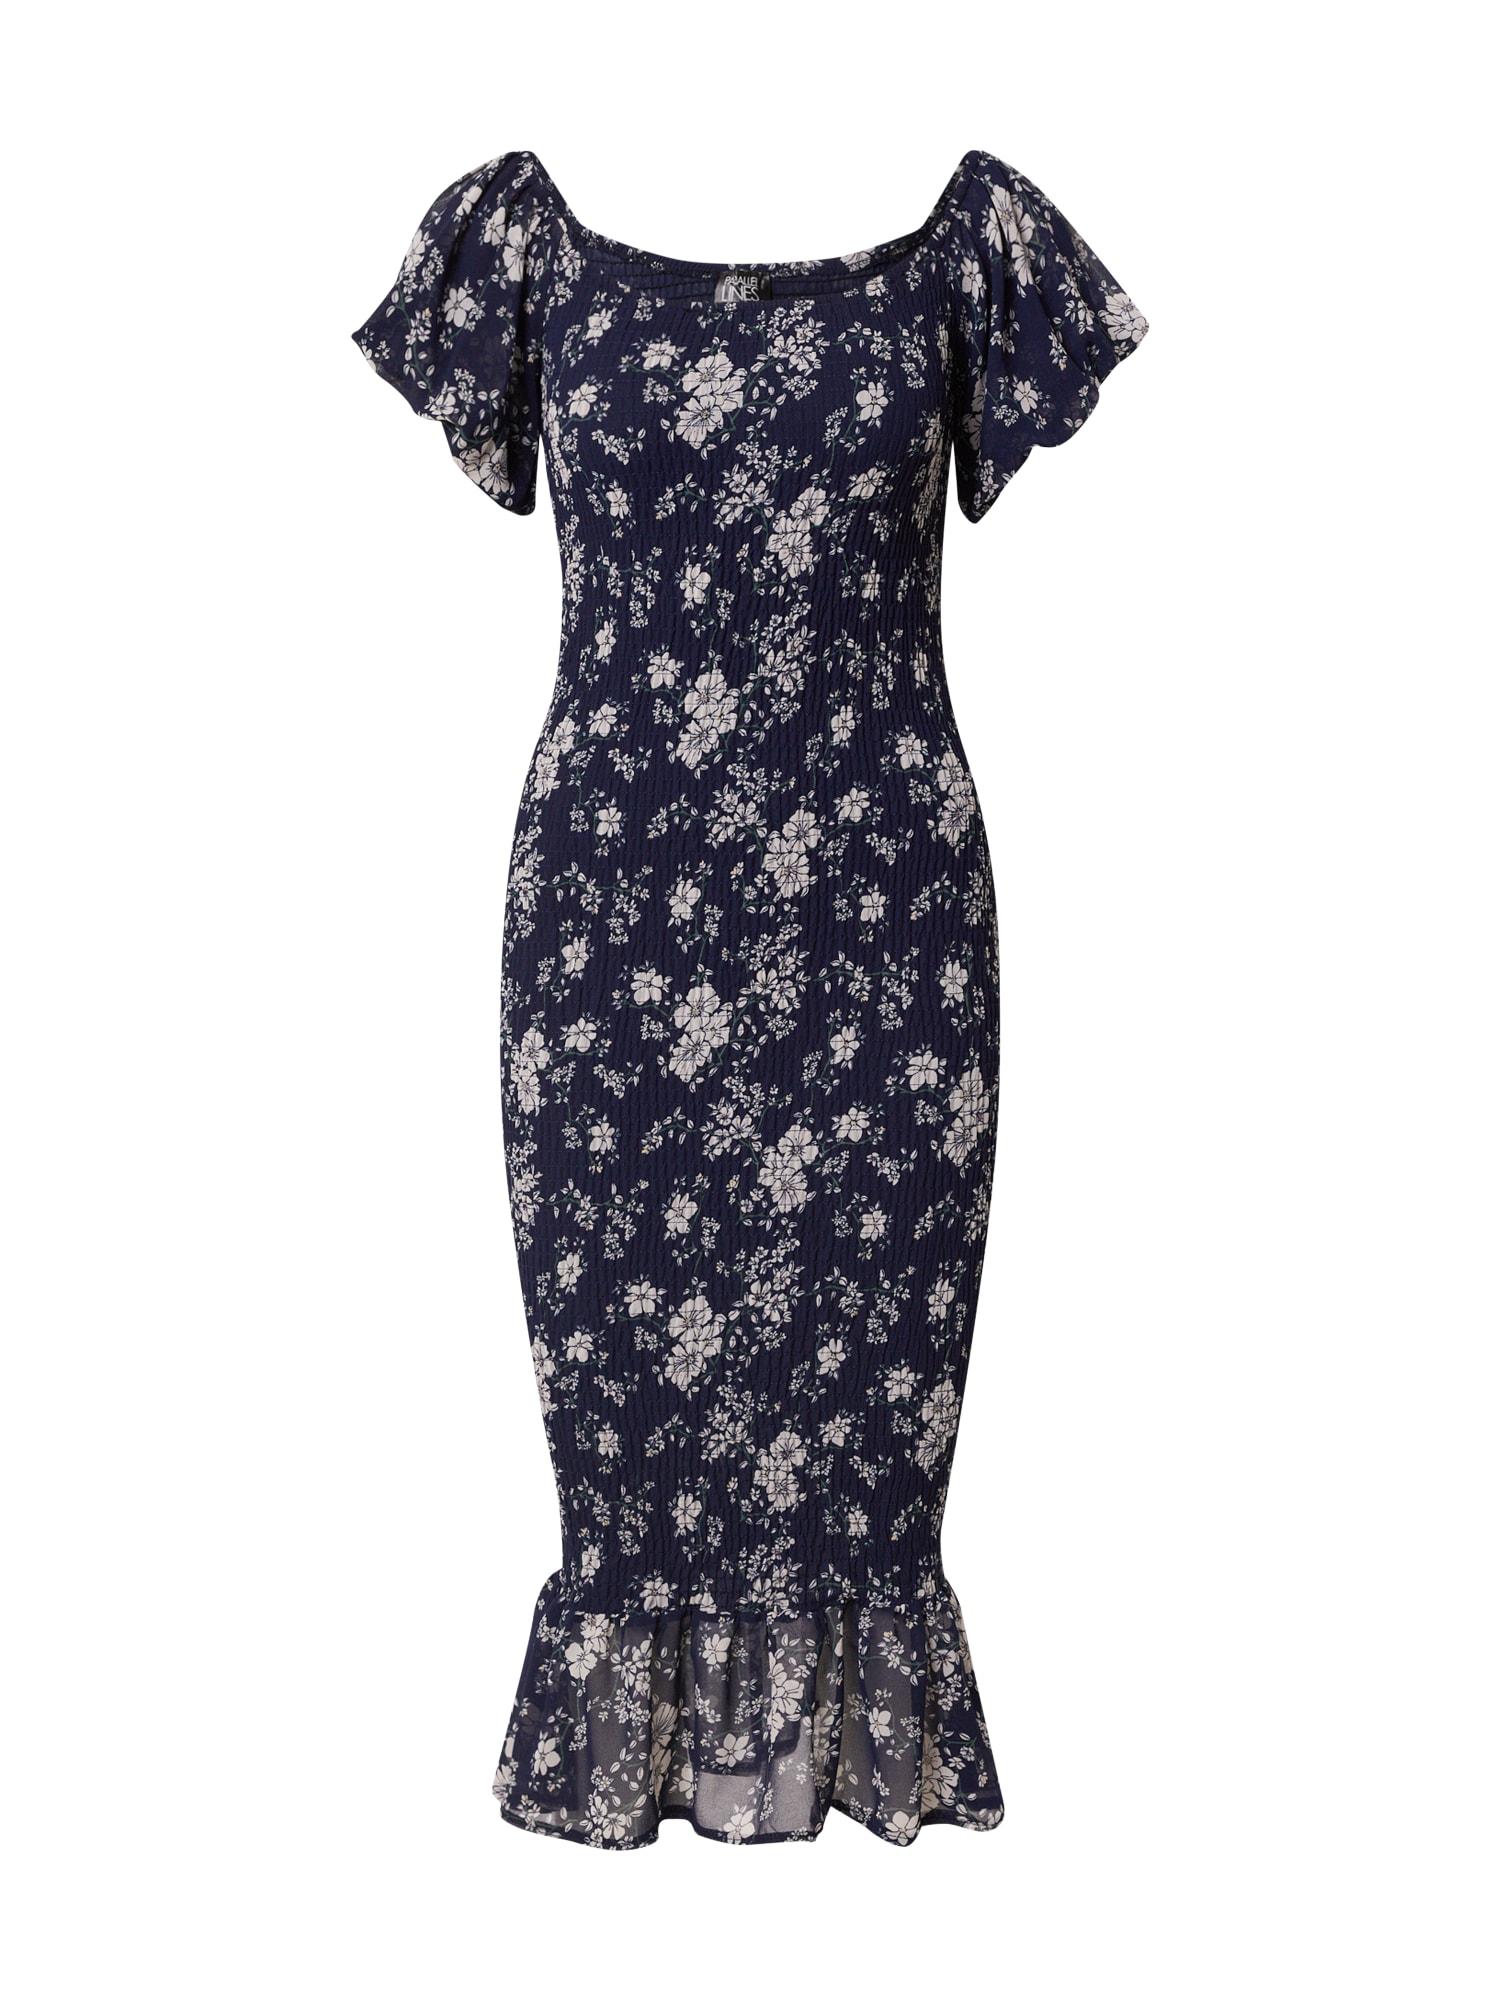 Parallel Lines Suknelė tamsiai mėlyna jūros spalva / šviesiai pilka / žolės žalia